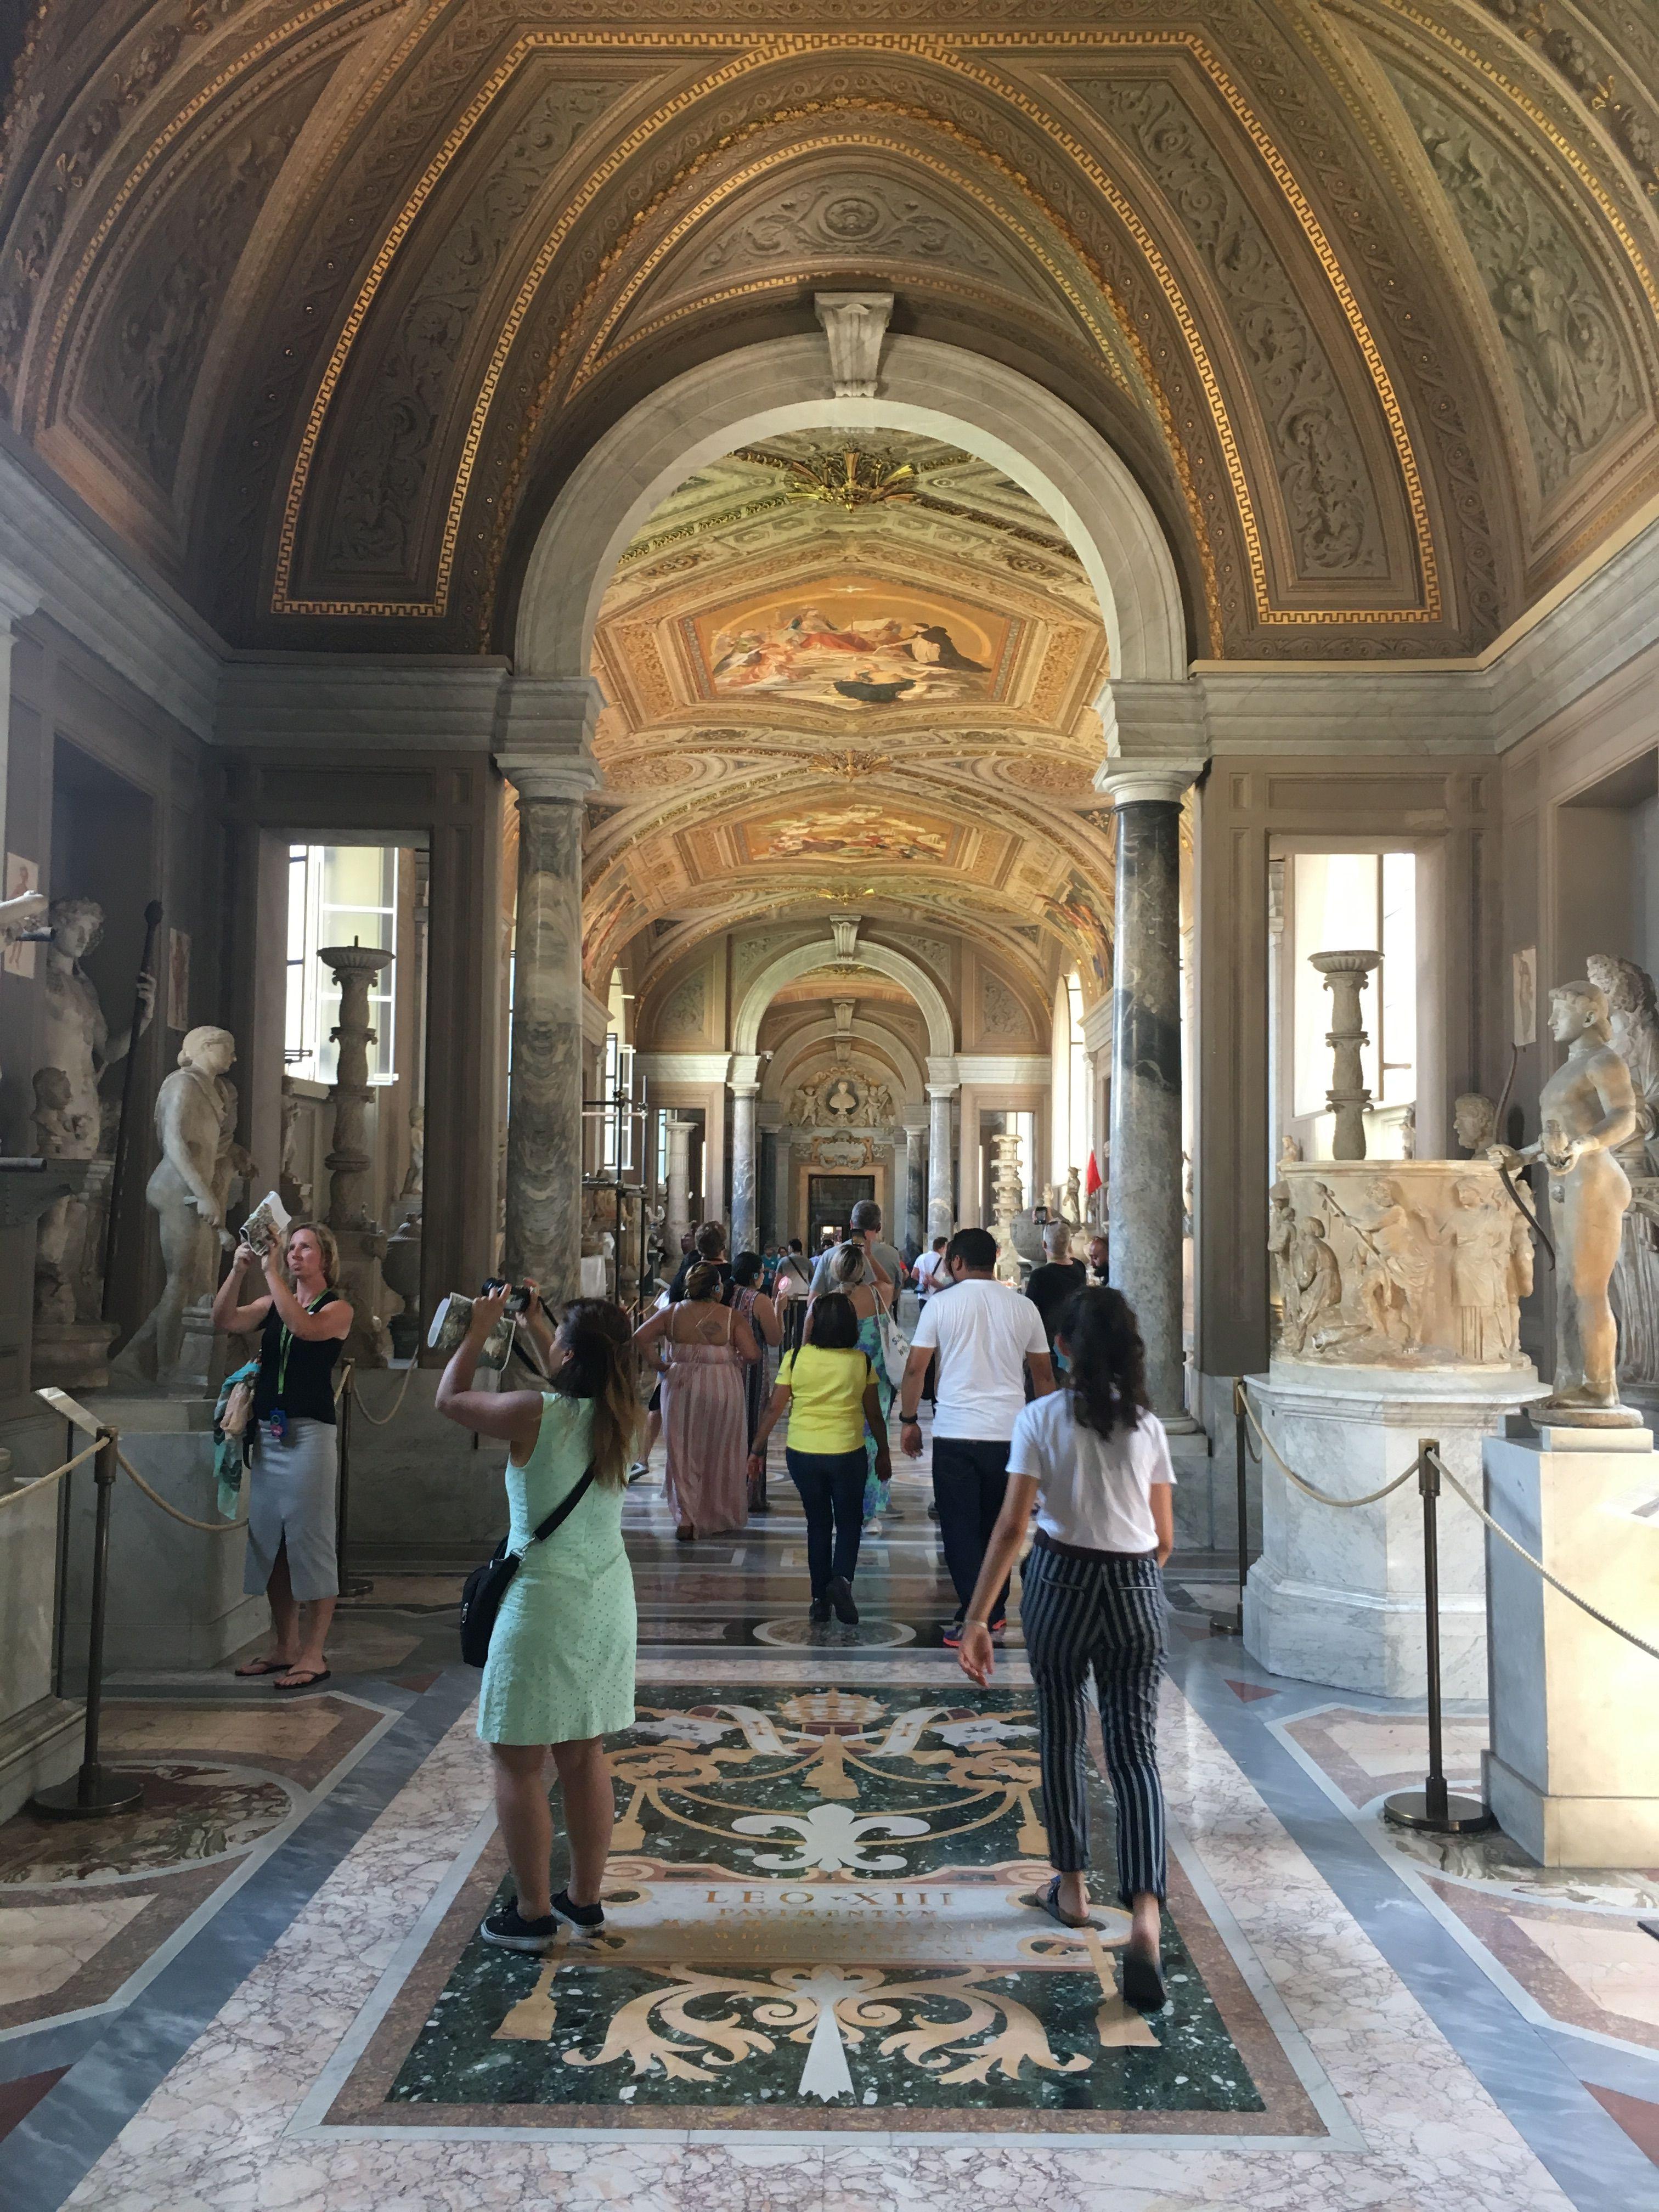 Sistine Chapel, Vatican City, Vatican